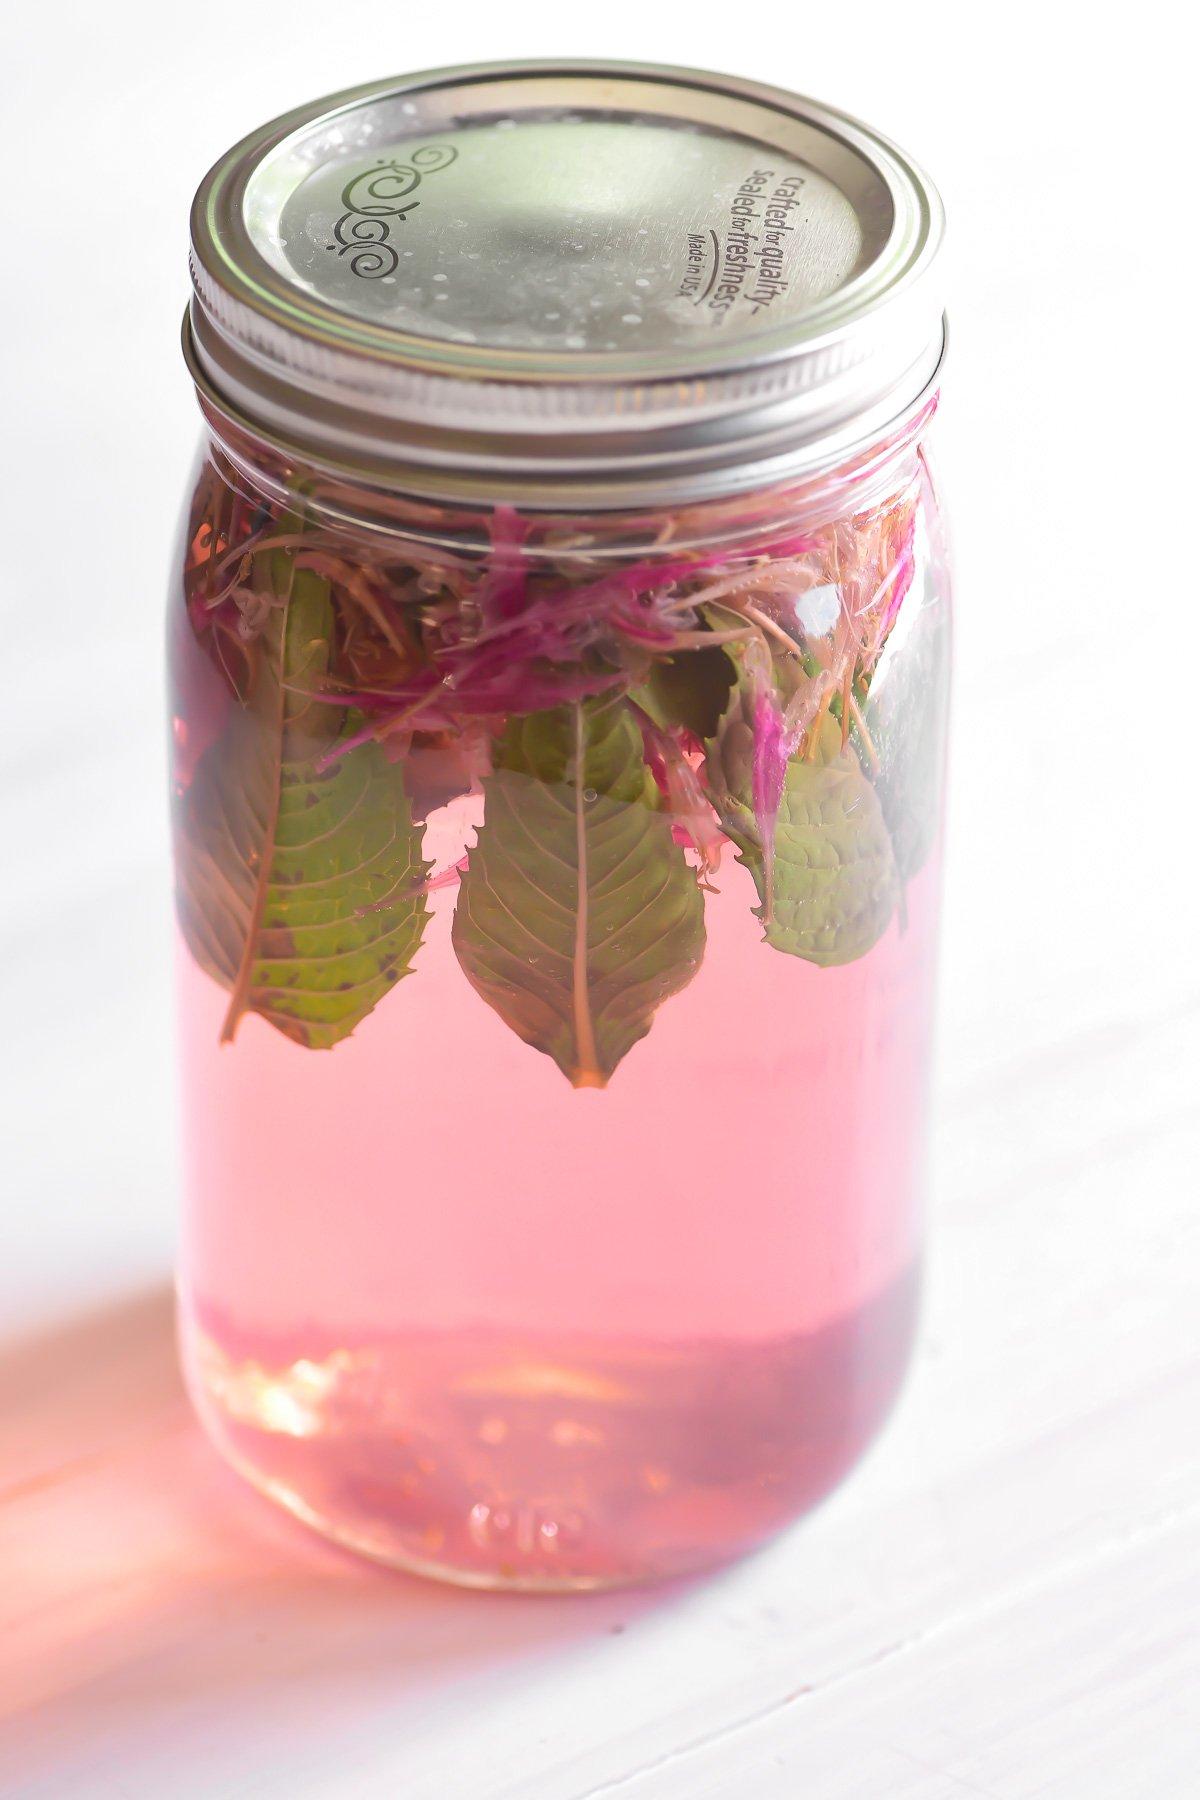 Making bee balm sun tea in a mason jar